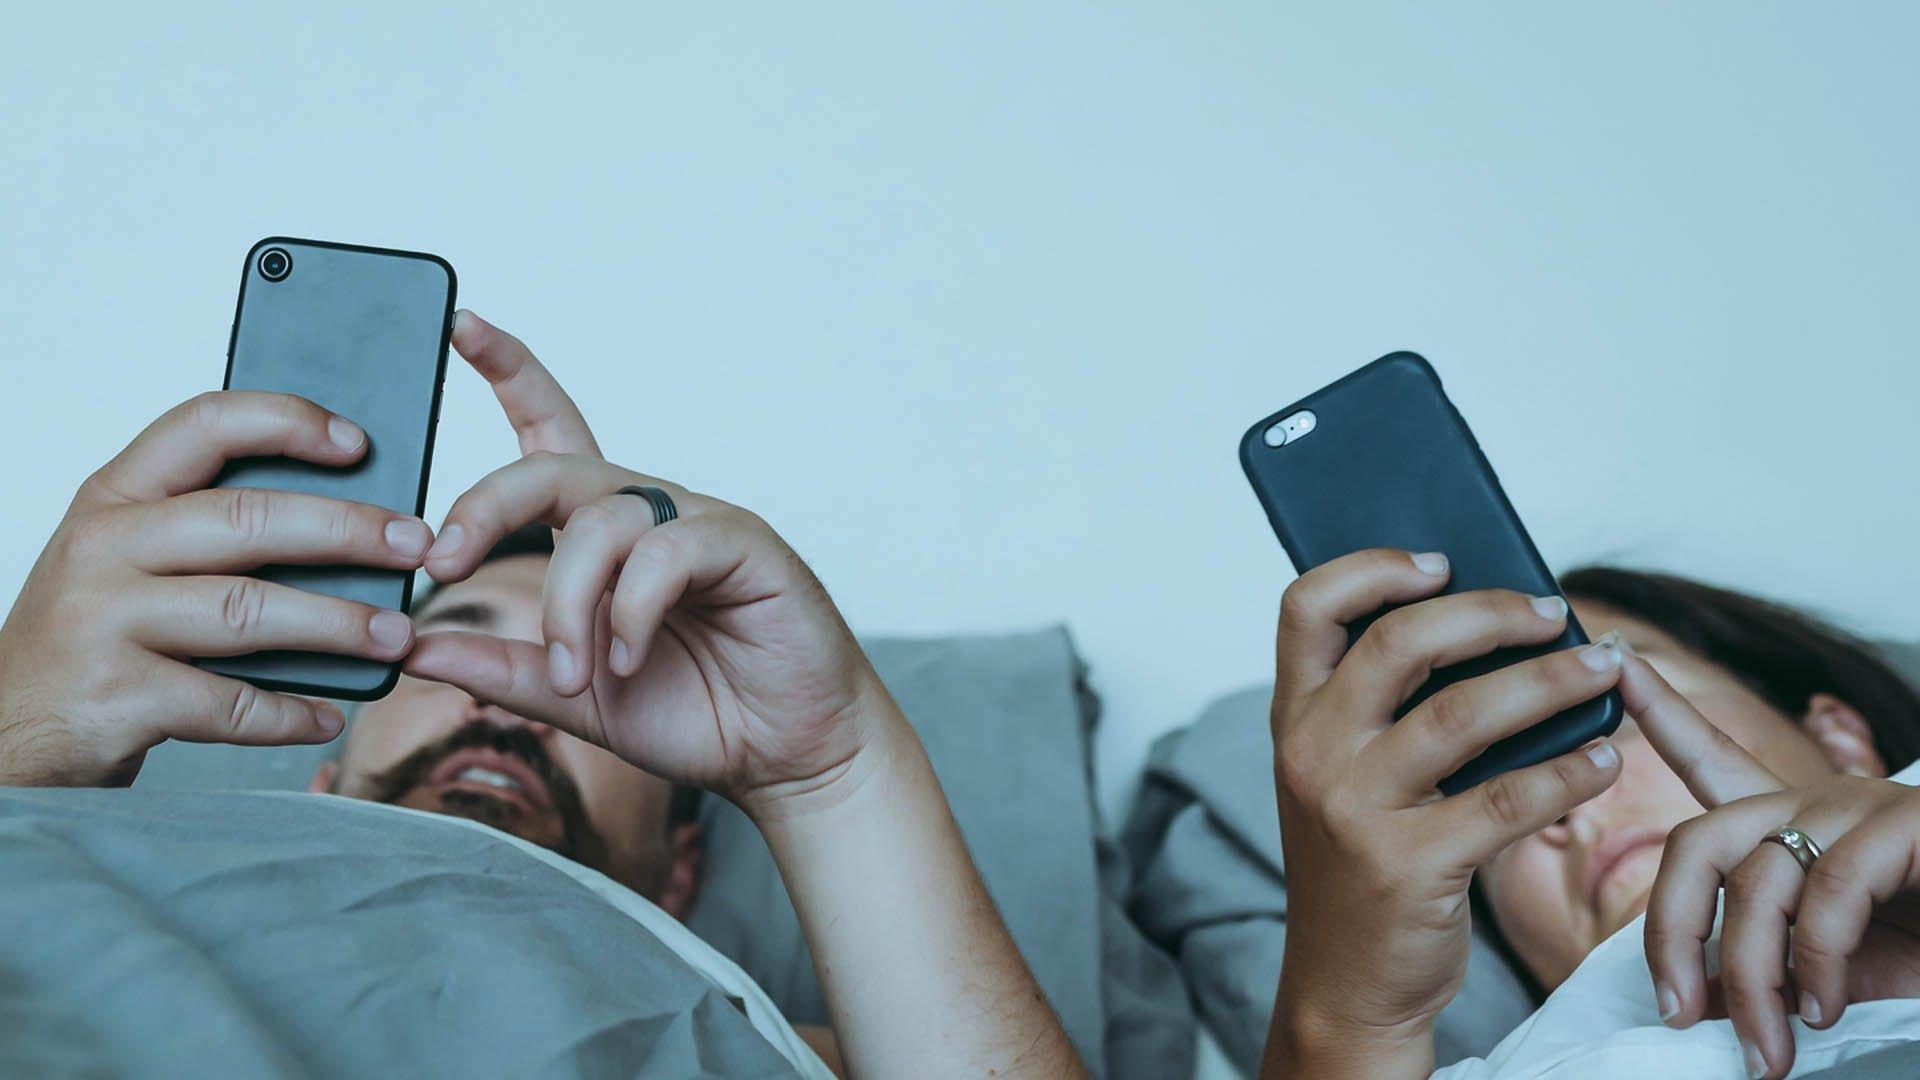 Il sexting può sostituire un rapporto più che sostenerlo